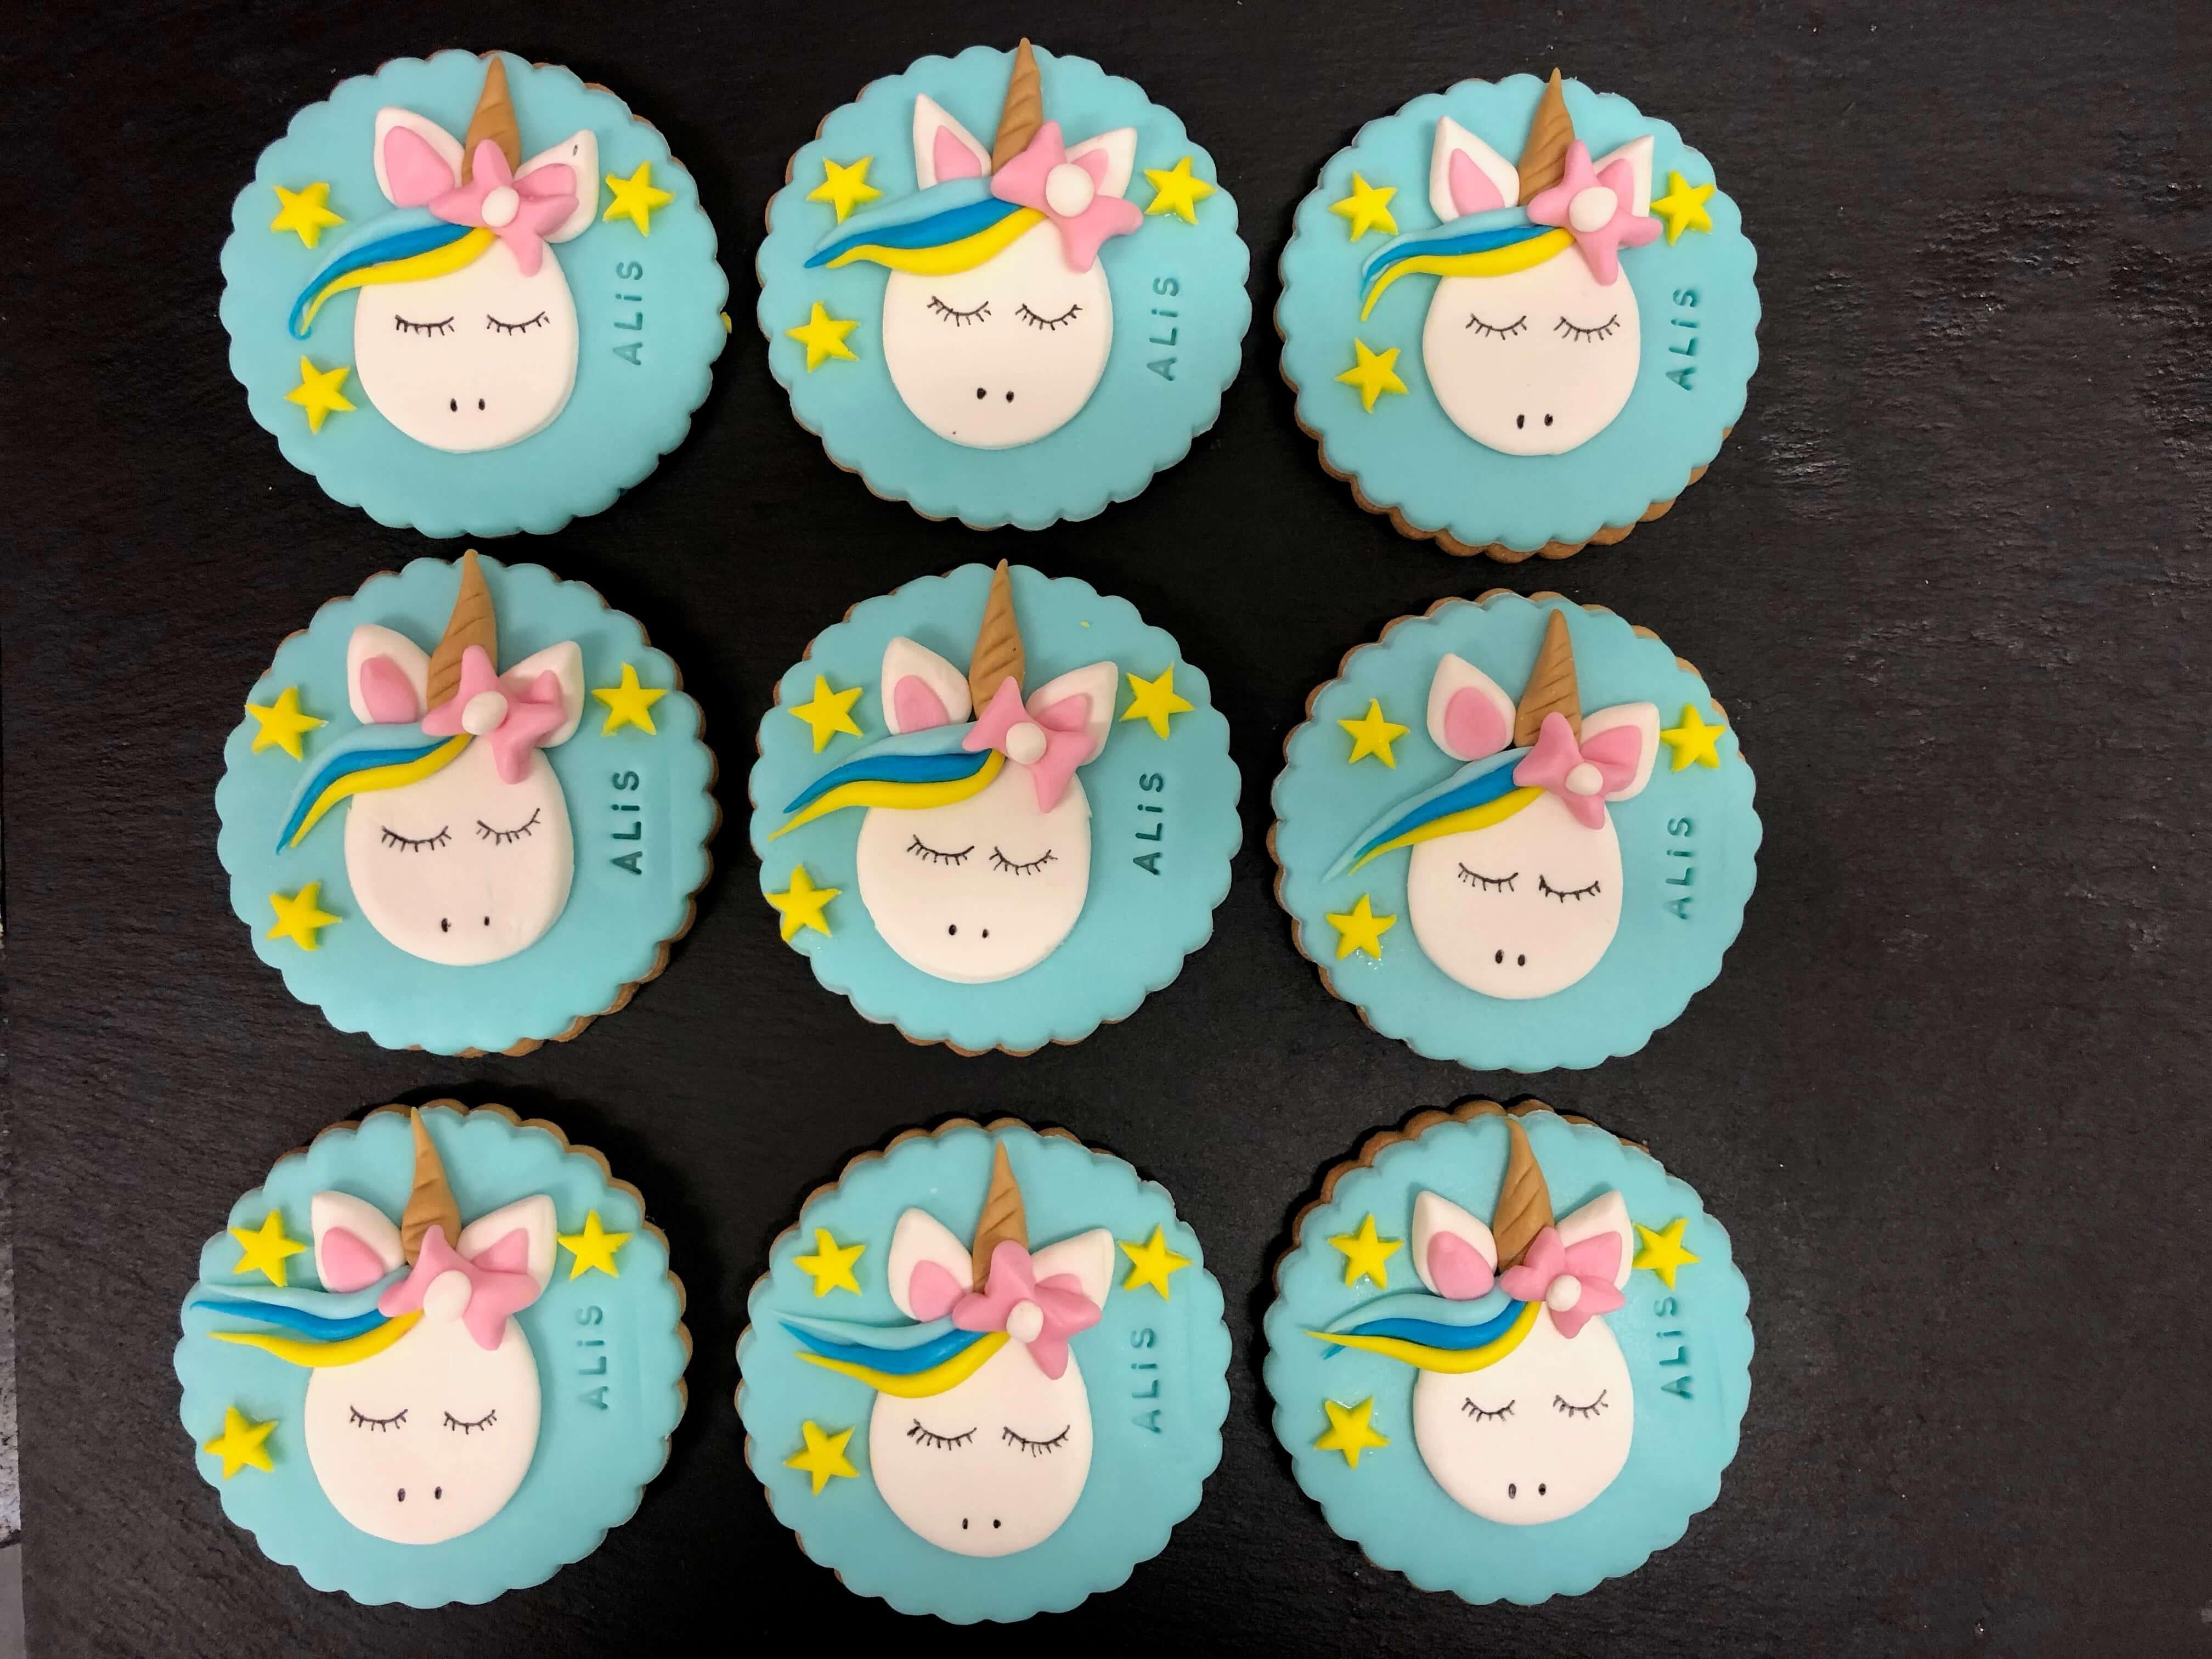 Galletas Unicornio personalizadas cumpleaños  Coruña